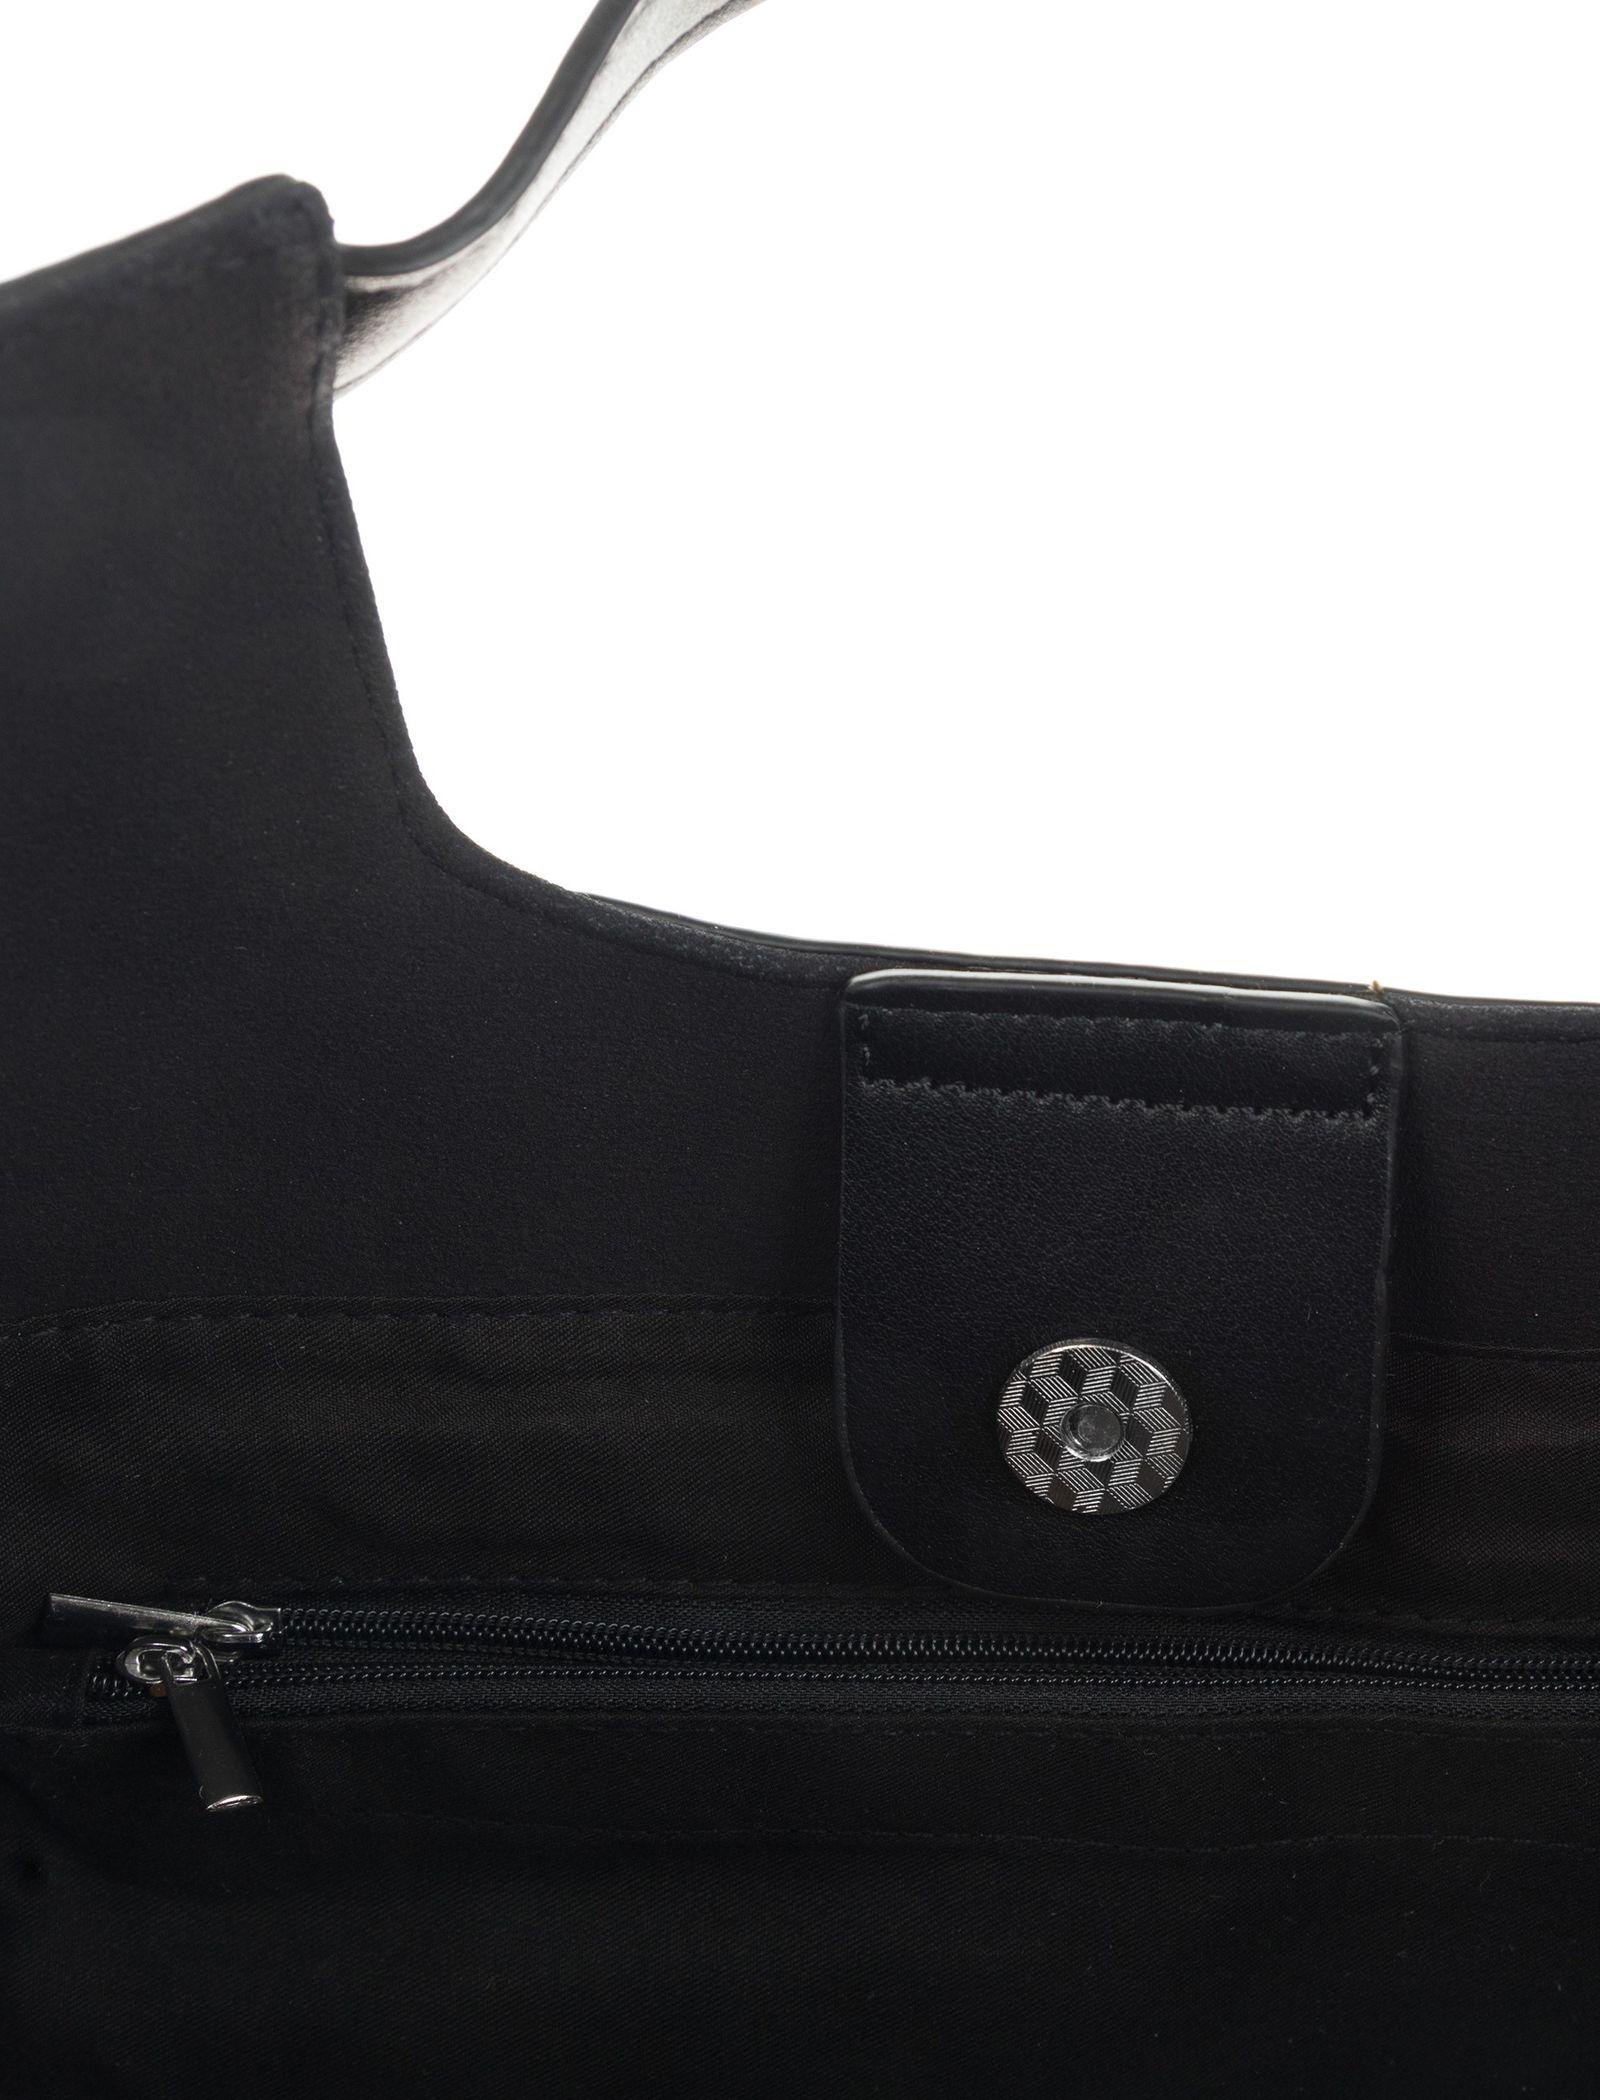 کیف دستی روزمره زنانه - شانتال تک سایز - مشکي  - 7